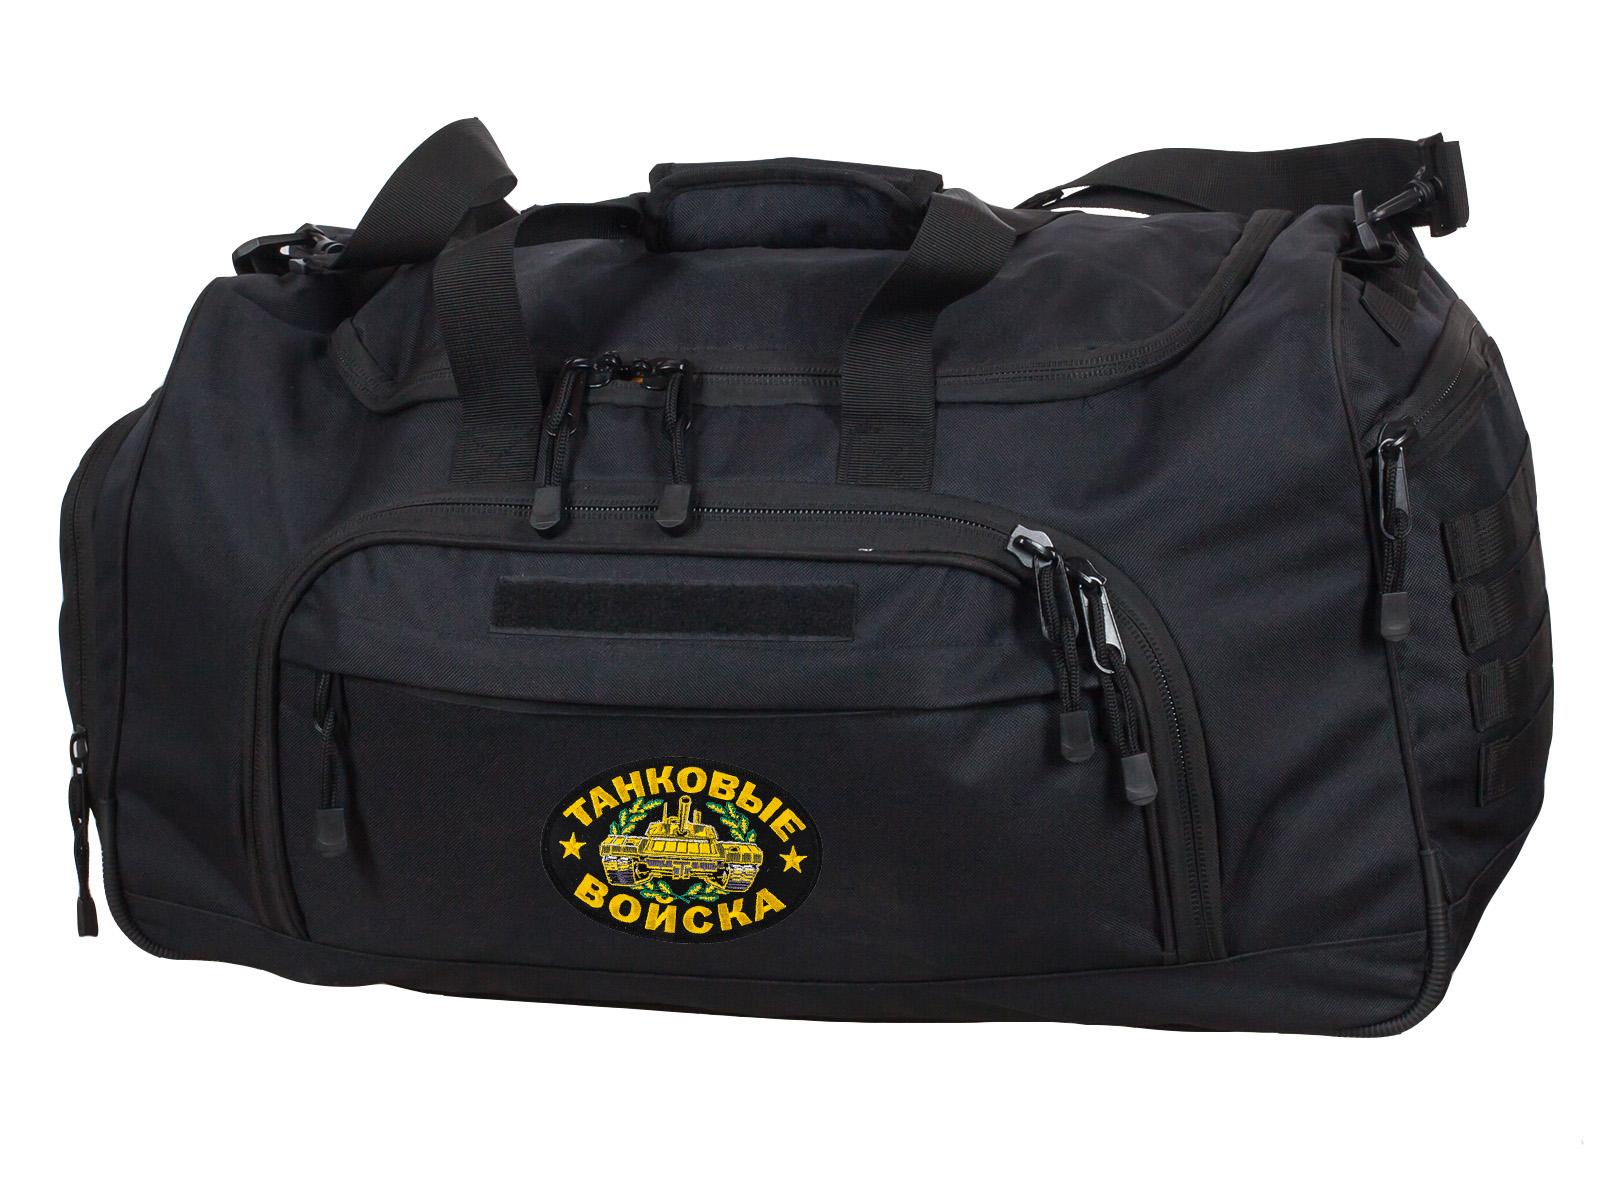 Тактическая большая сумка Танковые Войска 08032B Black